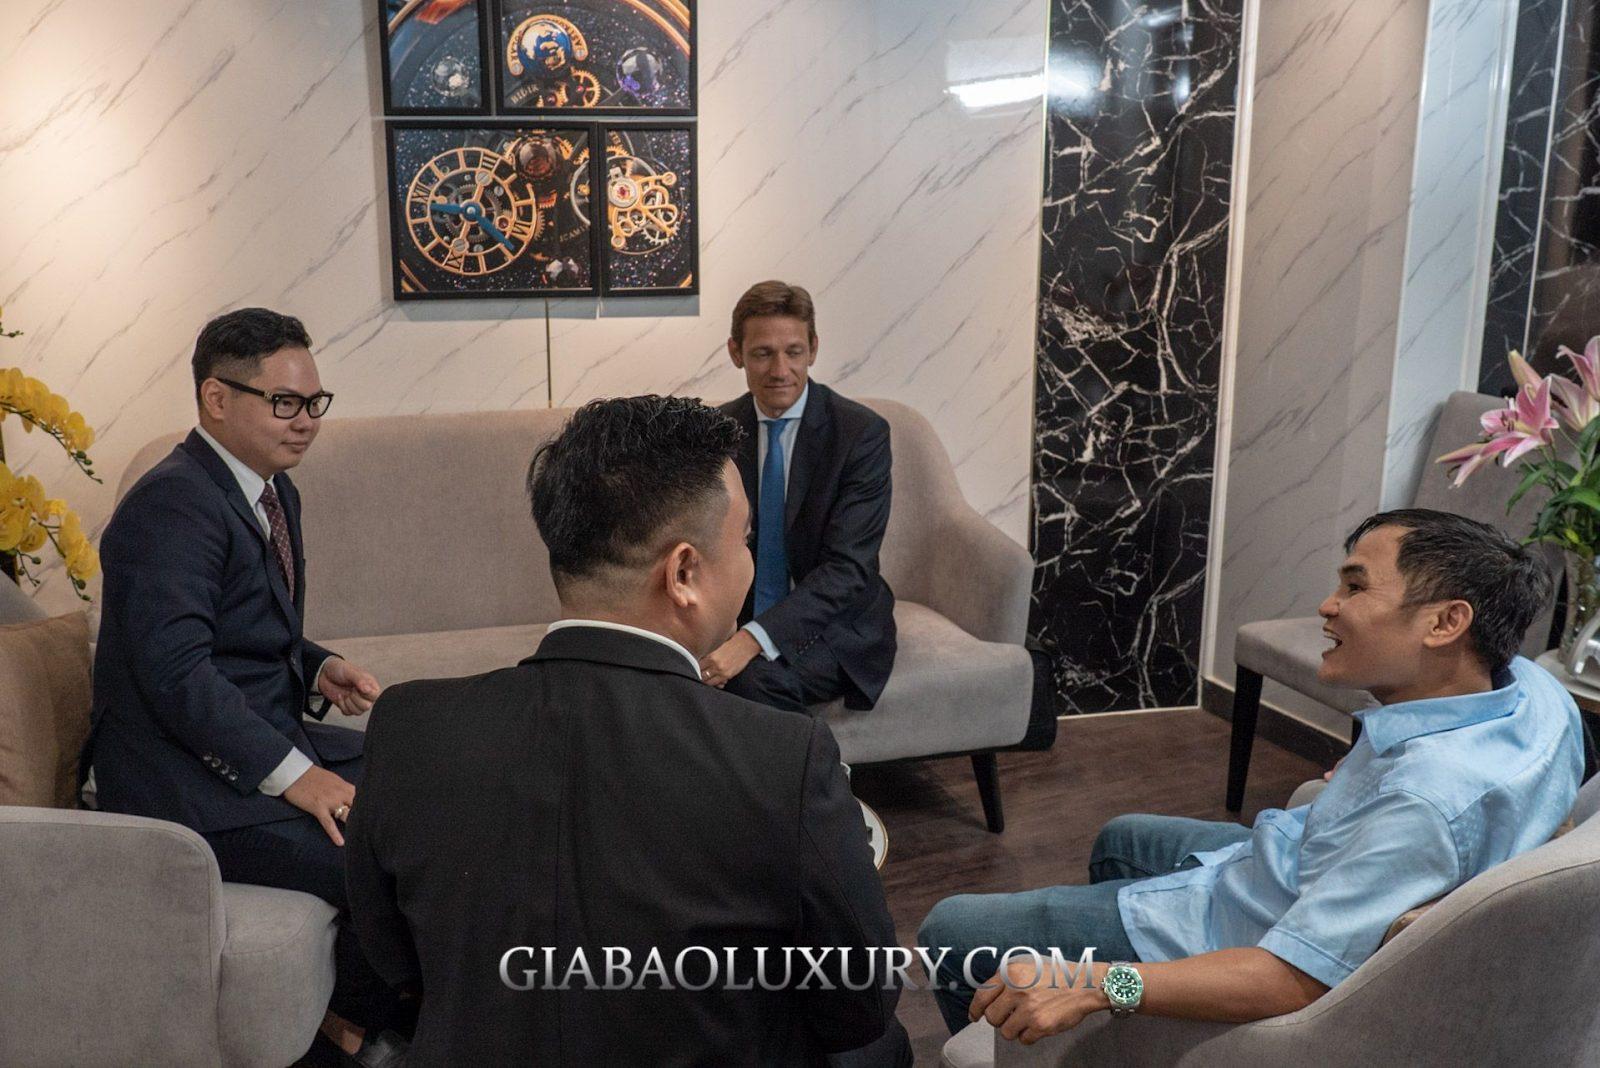 Những anh em đam mê đồng hồ cao cấp ngồi giao lưu tại Gia Bảo Luxury Sài Gòn